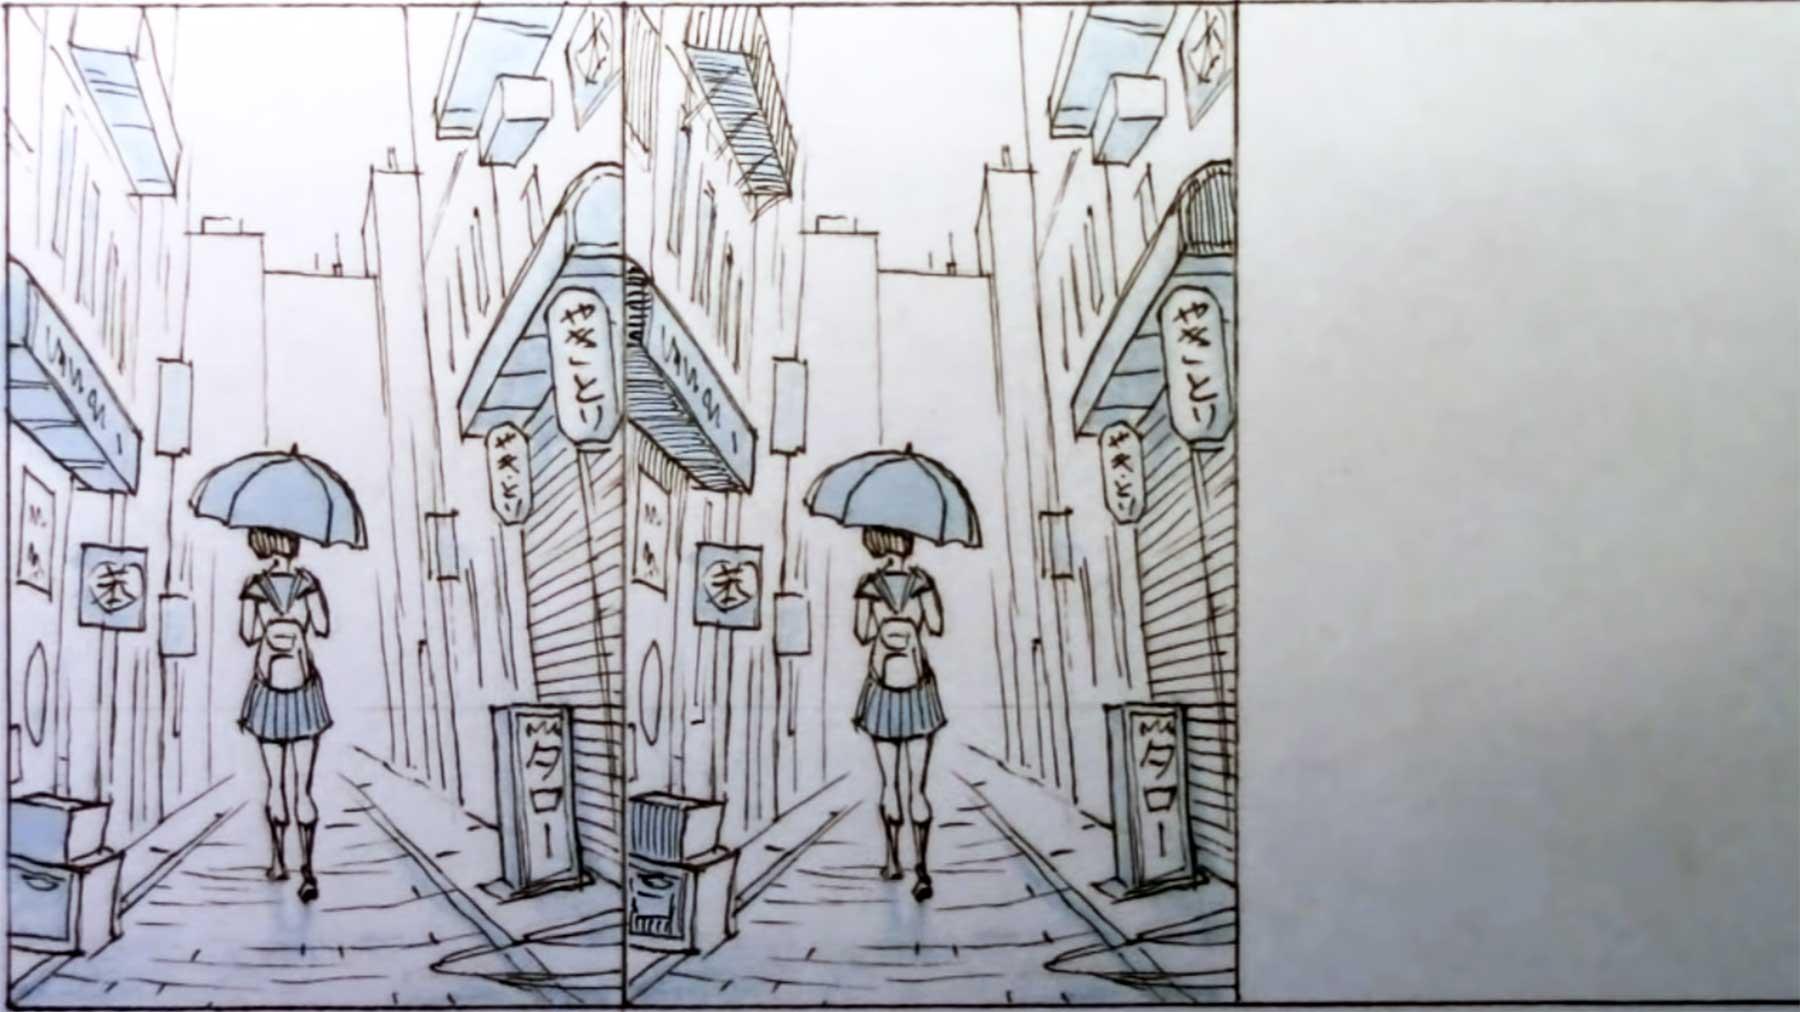 Kann man zu viele Details in eine Zeichnung einbauen?